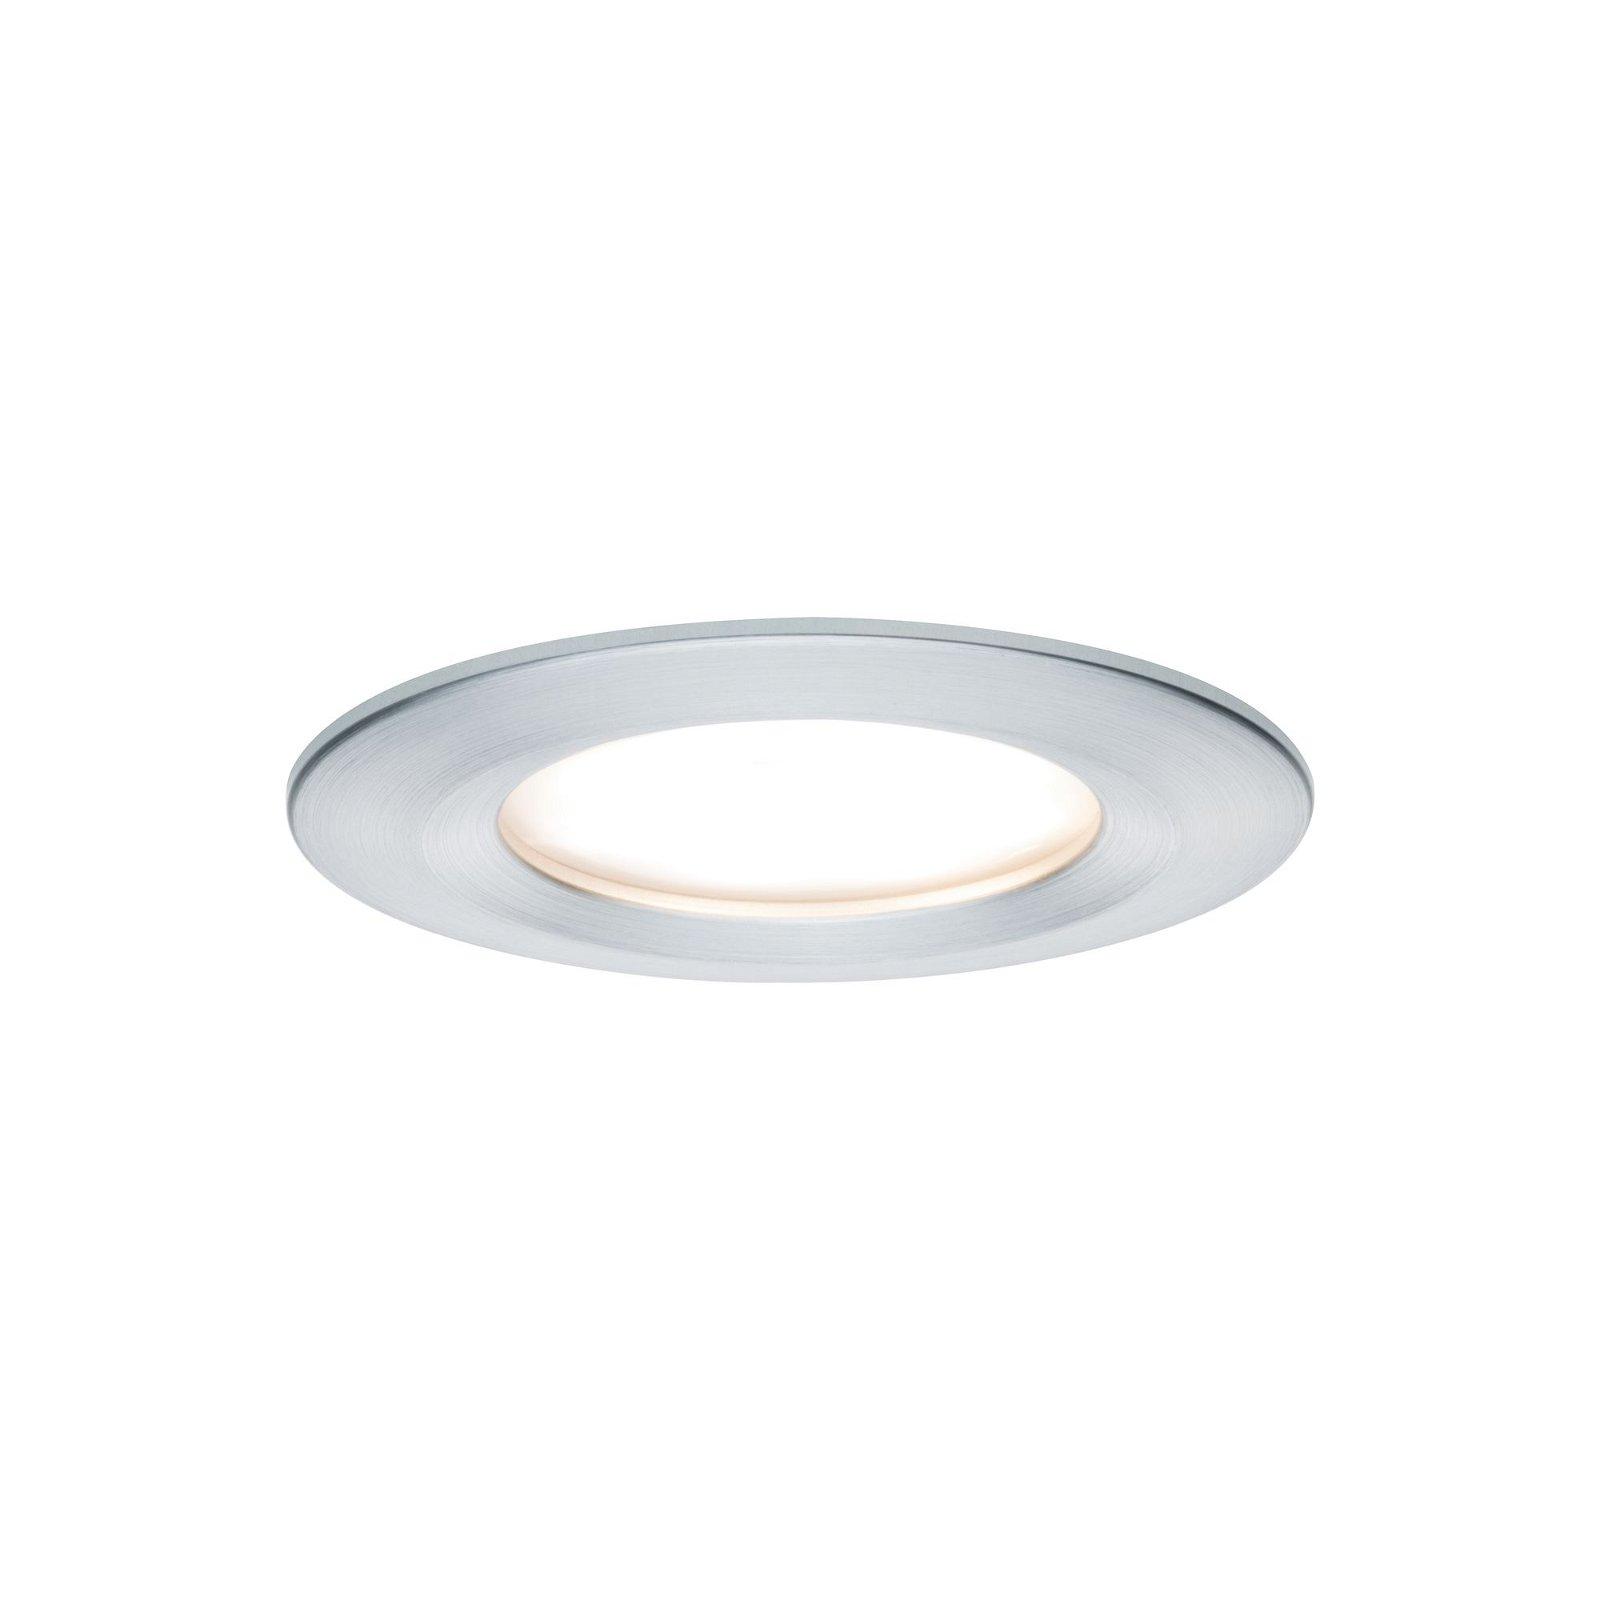 LED-inbouwlamp 3-Step-Dim Nova Coin Basisset star IP44 rond 78mm Coin 3x6,5W 3x460lm 230V 2700K Alu gedraaid